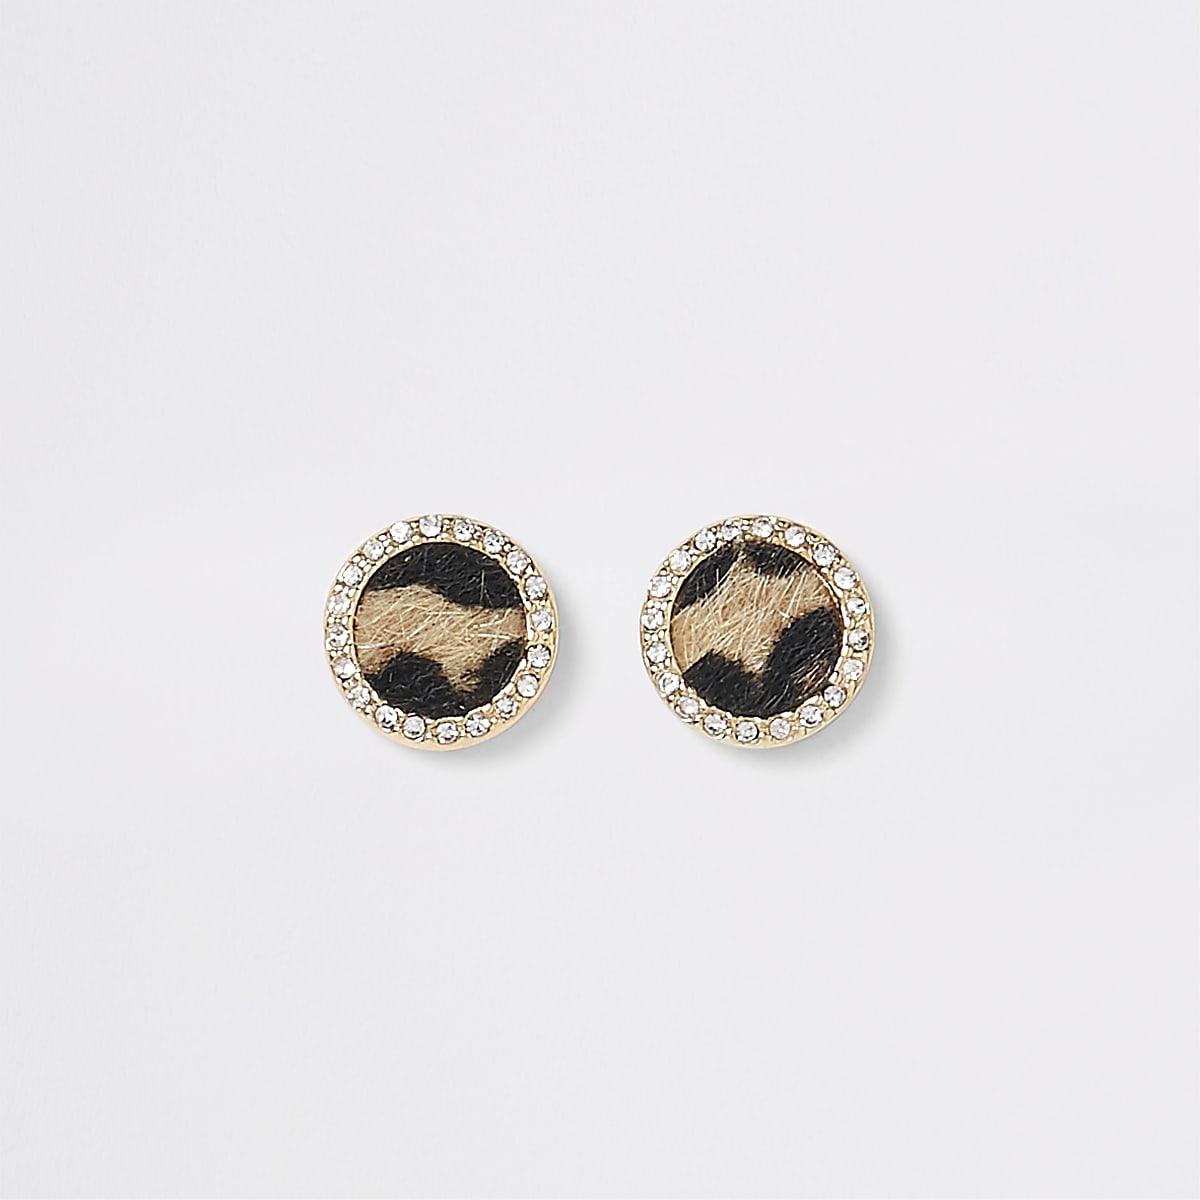 Brown leopard print rhinestone stud earrings